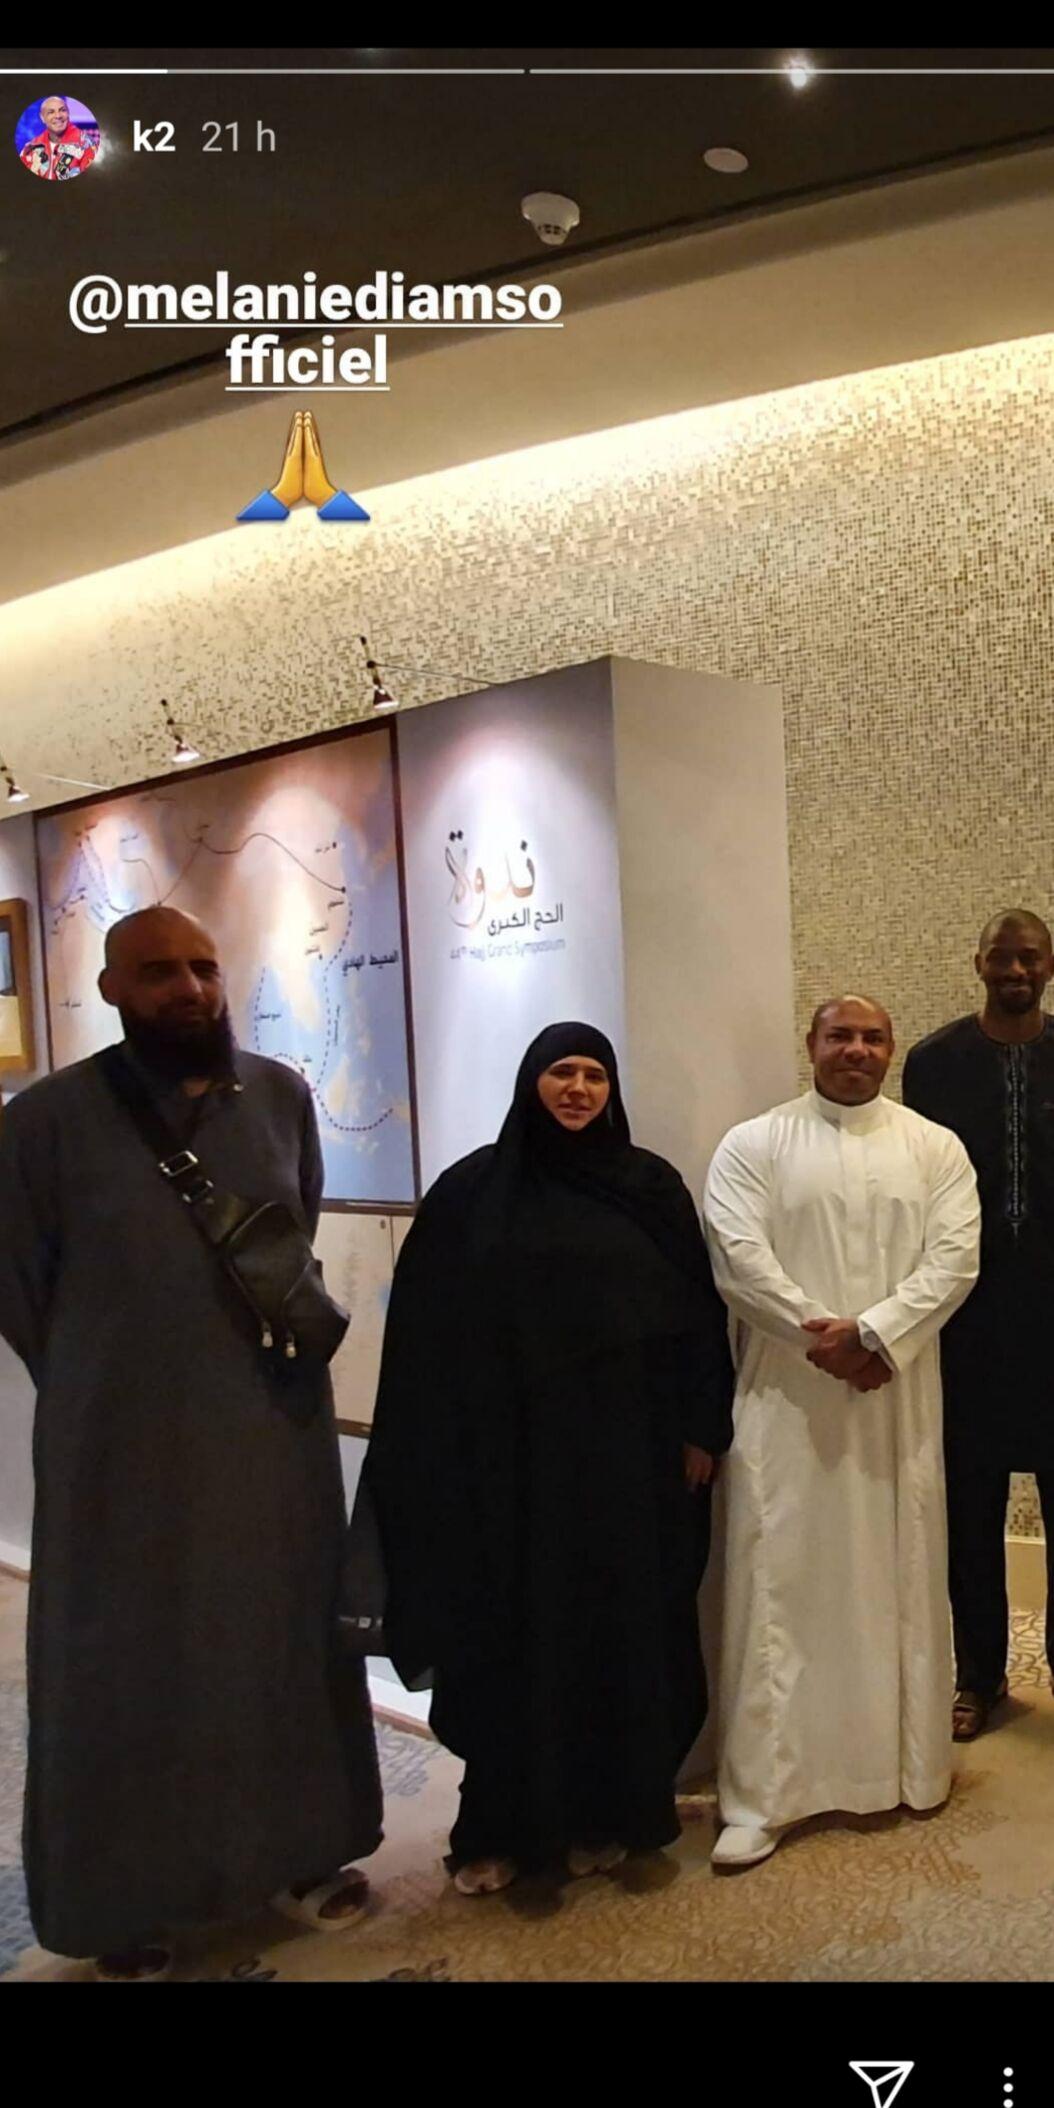 Diam's prend la pose aux côtés de trois hommes, dont l'un qui semble être son mari Faouzi Tarkhani.